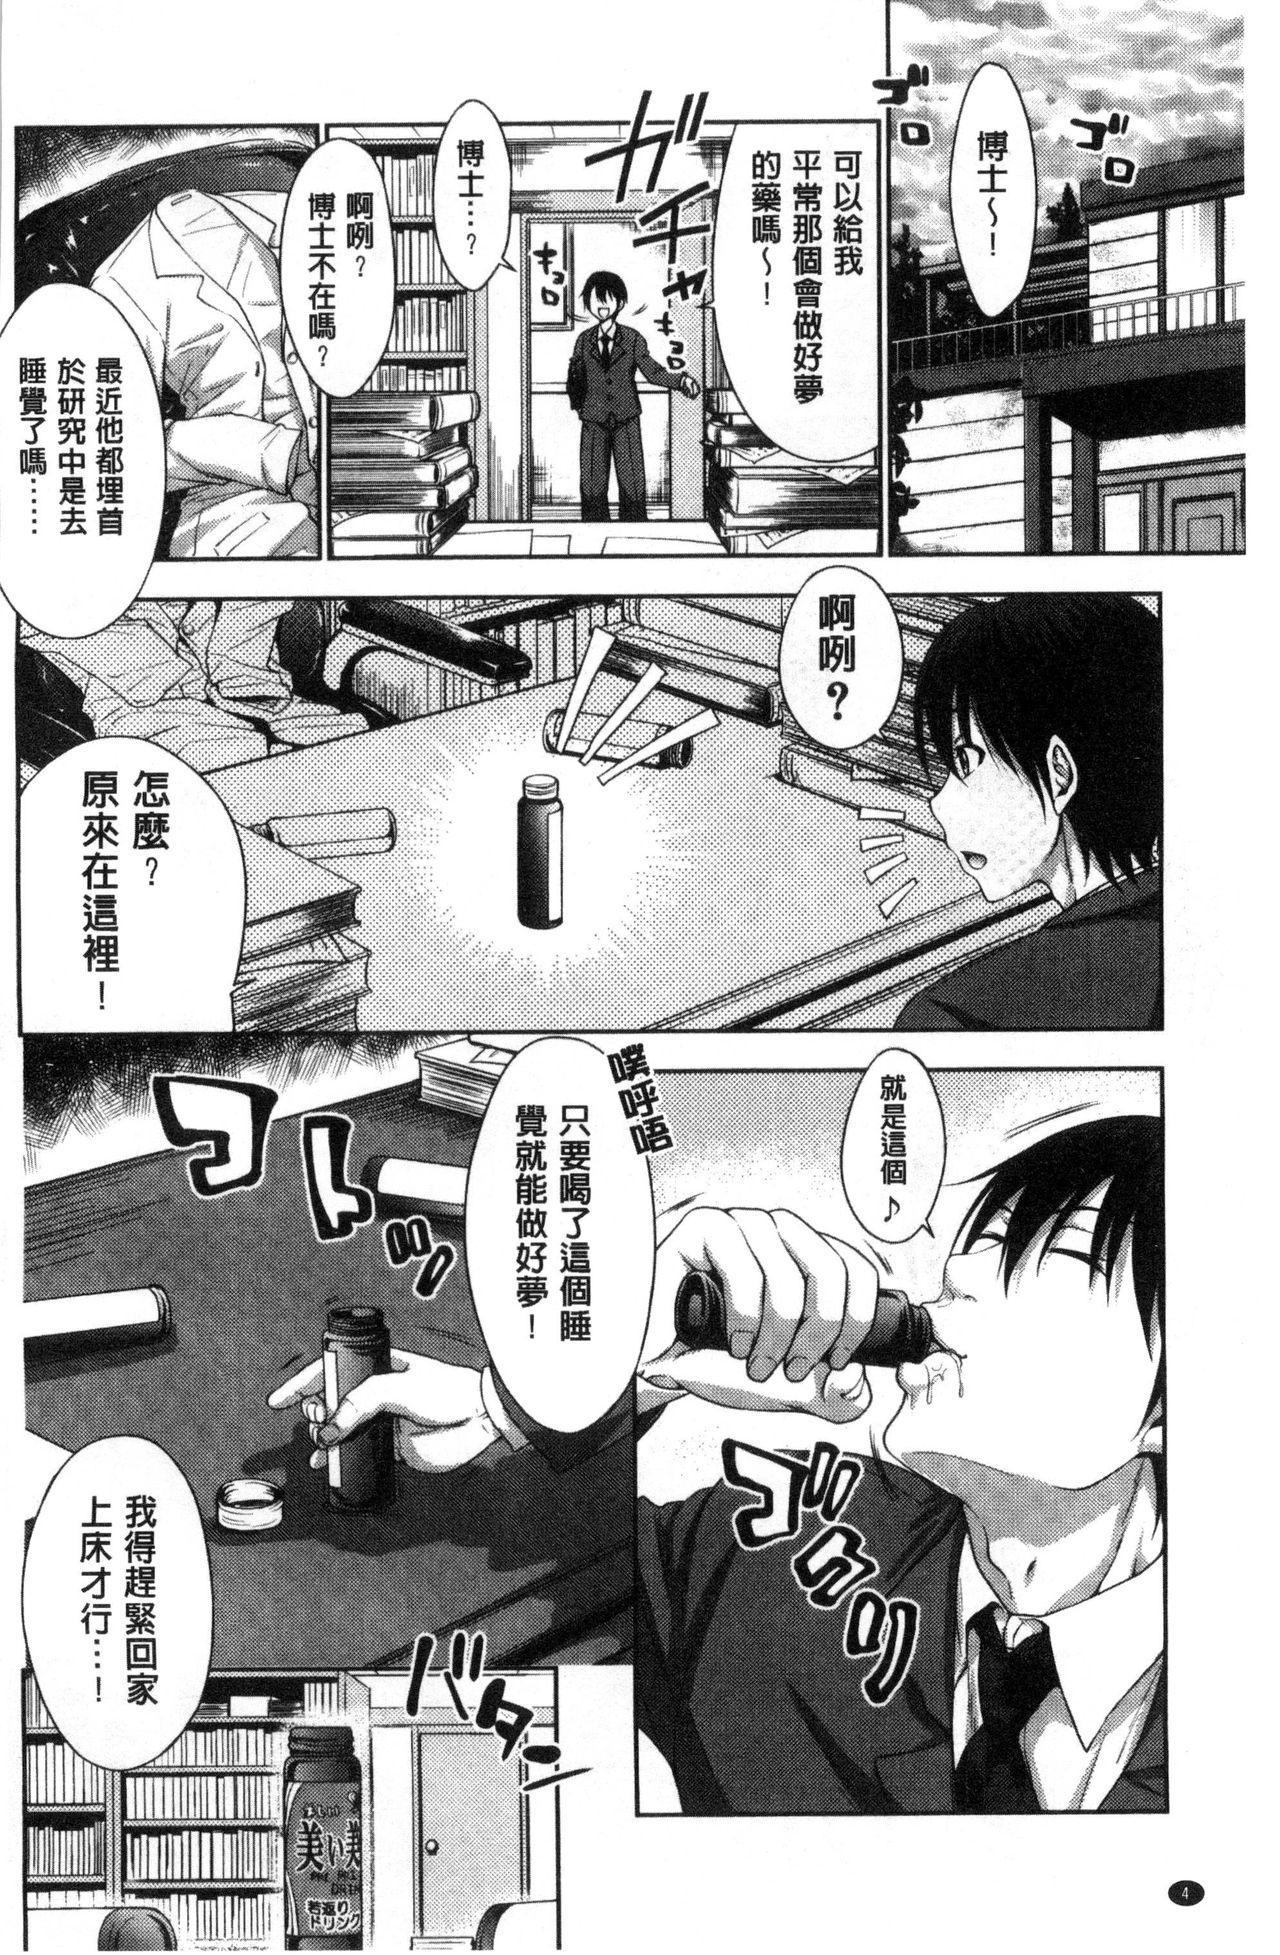 [Takuwan] Sanshimai Show Time -Moshi Ore ga 10-nen mae no Sugata de Seishun Yarinaosetara- | 三姉妹ShowTime -如果我以10年前的模樣青春再玩一次的話- [Chinese] 5